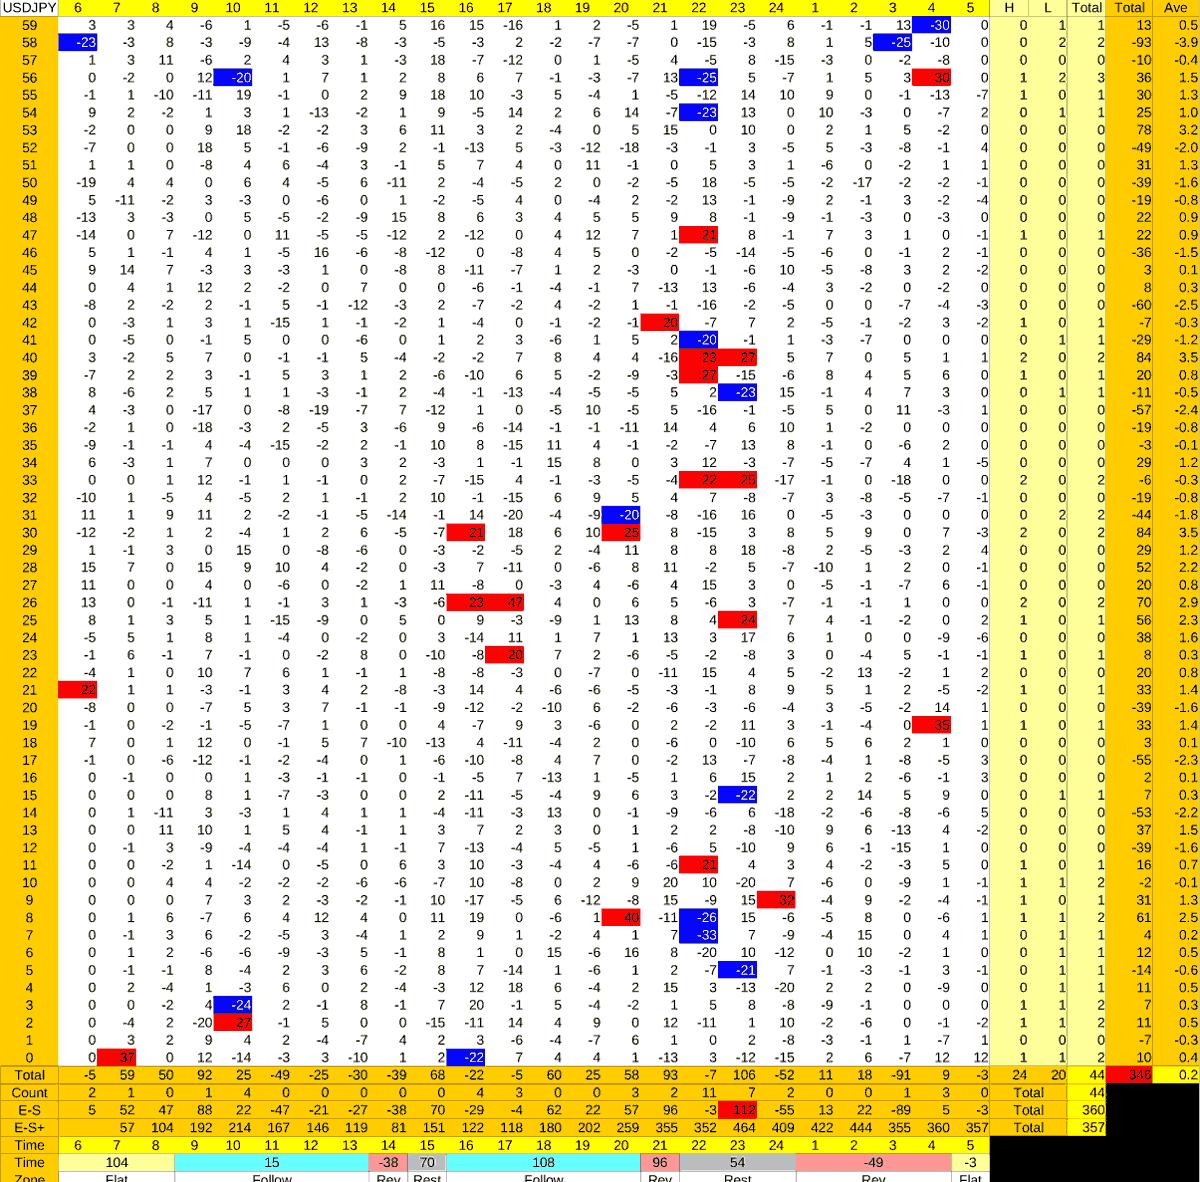 20210825_HS(1)USDJPY